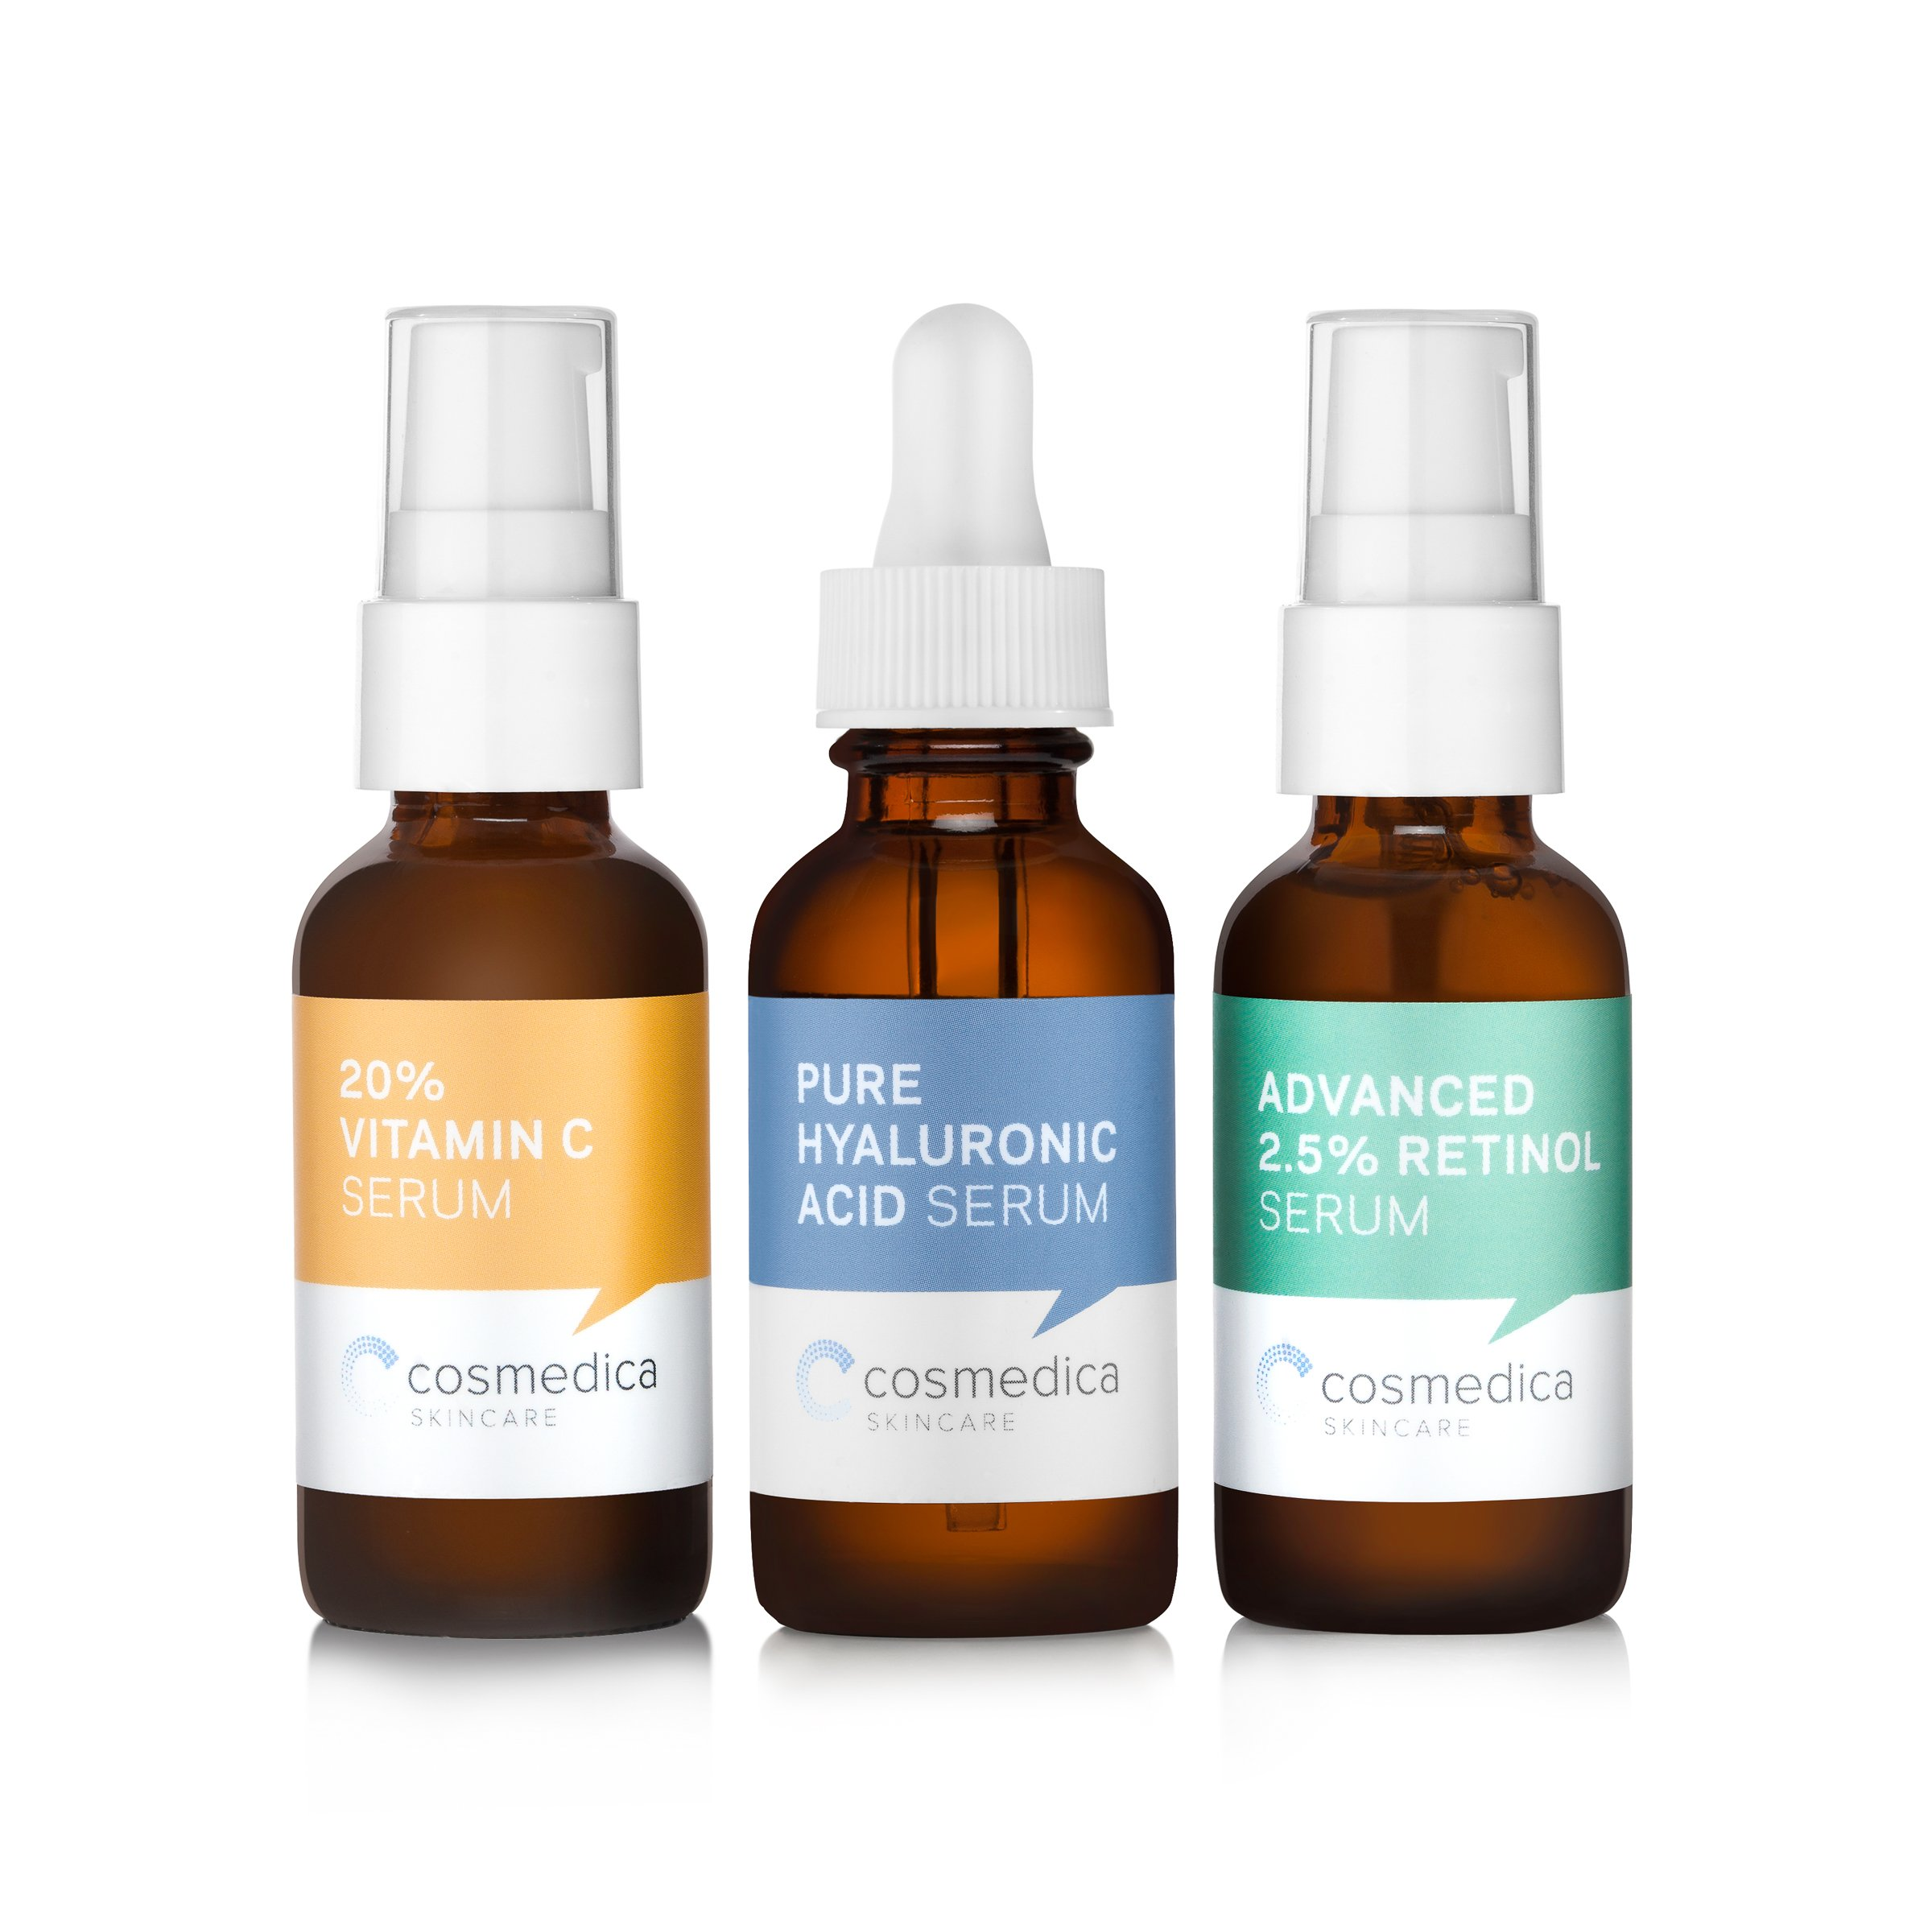 Trio Set Value- Vitamin C Serum 20% Retinol Serum 2.5% Hyaluronic Acid Serum